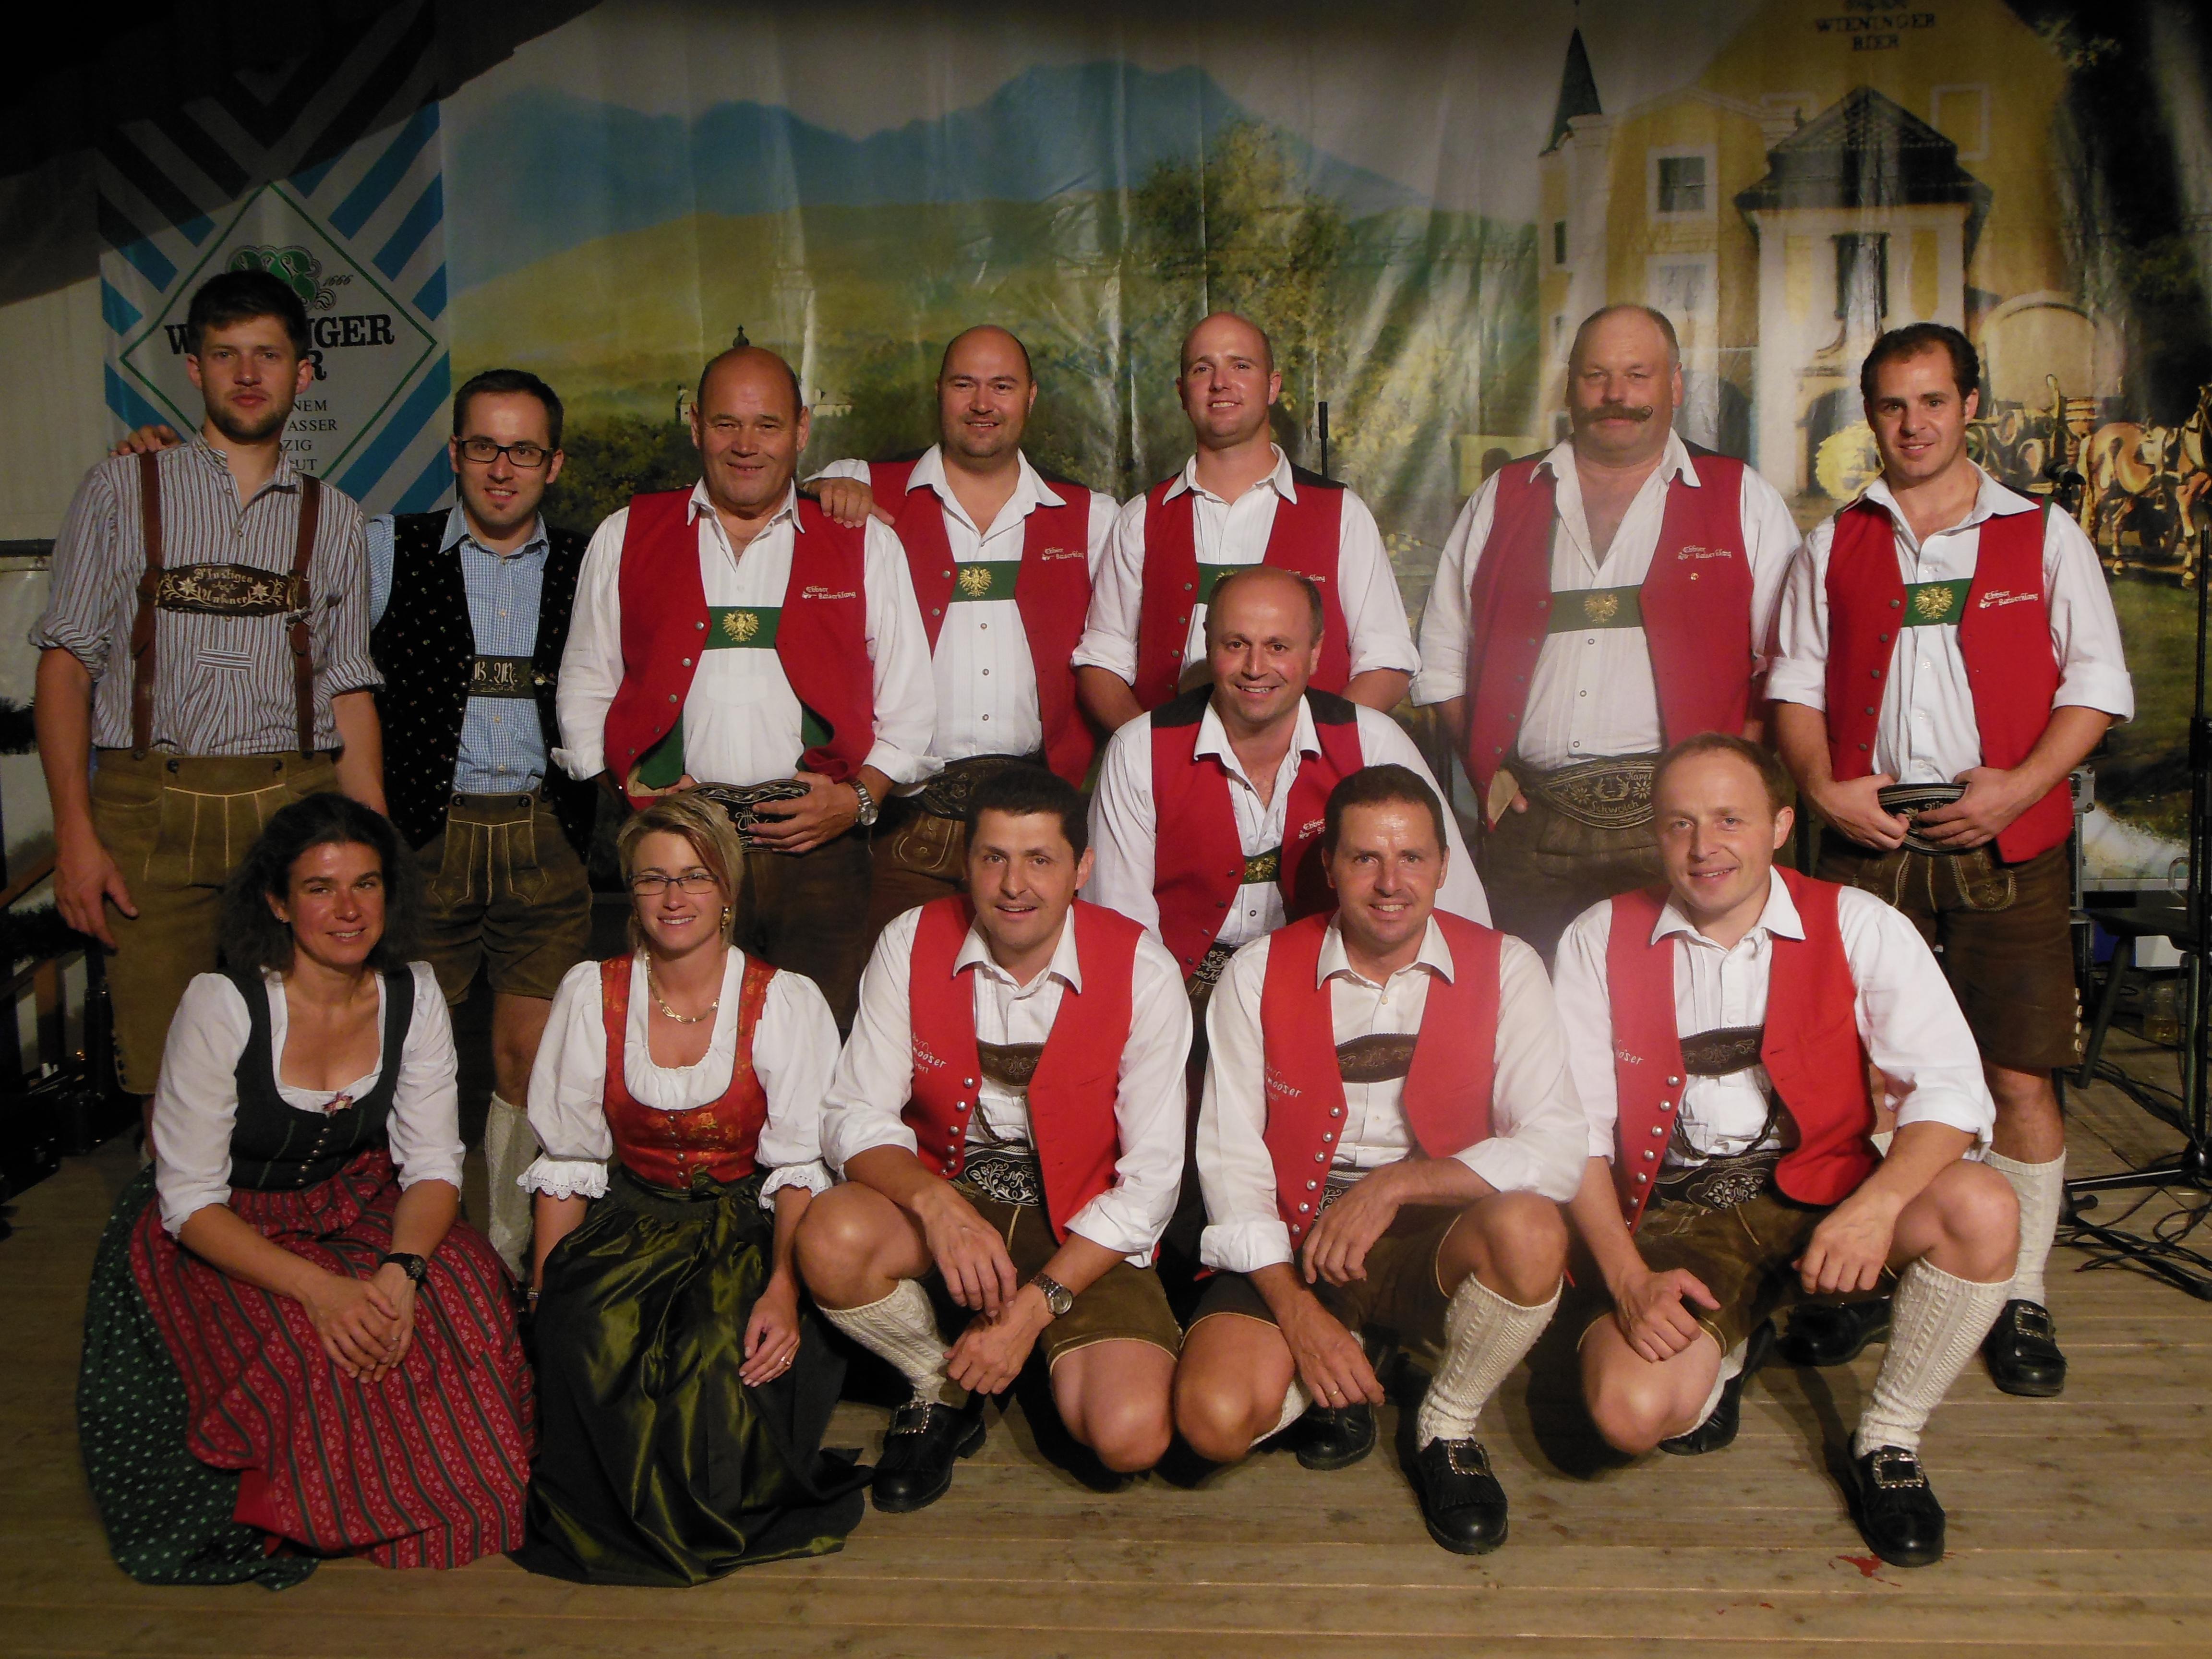 Bierzelt Bayern mit dem Ebbser Kaiserklang und den Salzburger Saitenbläser